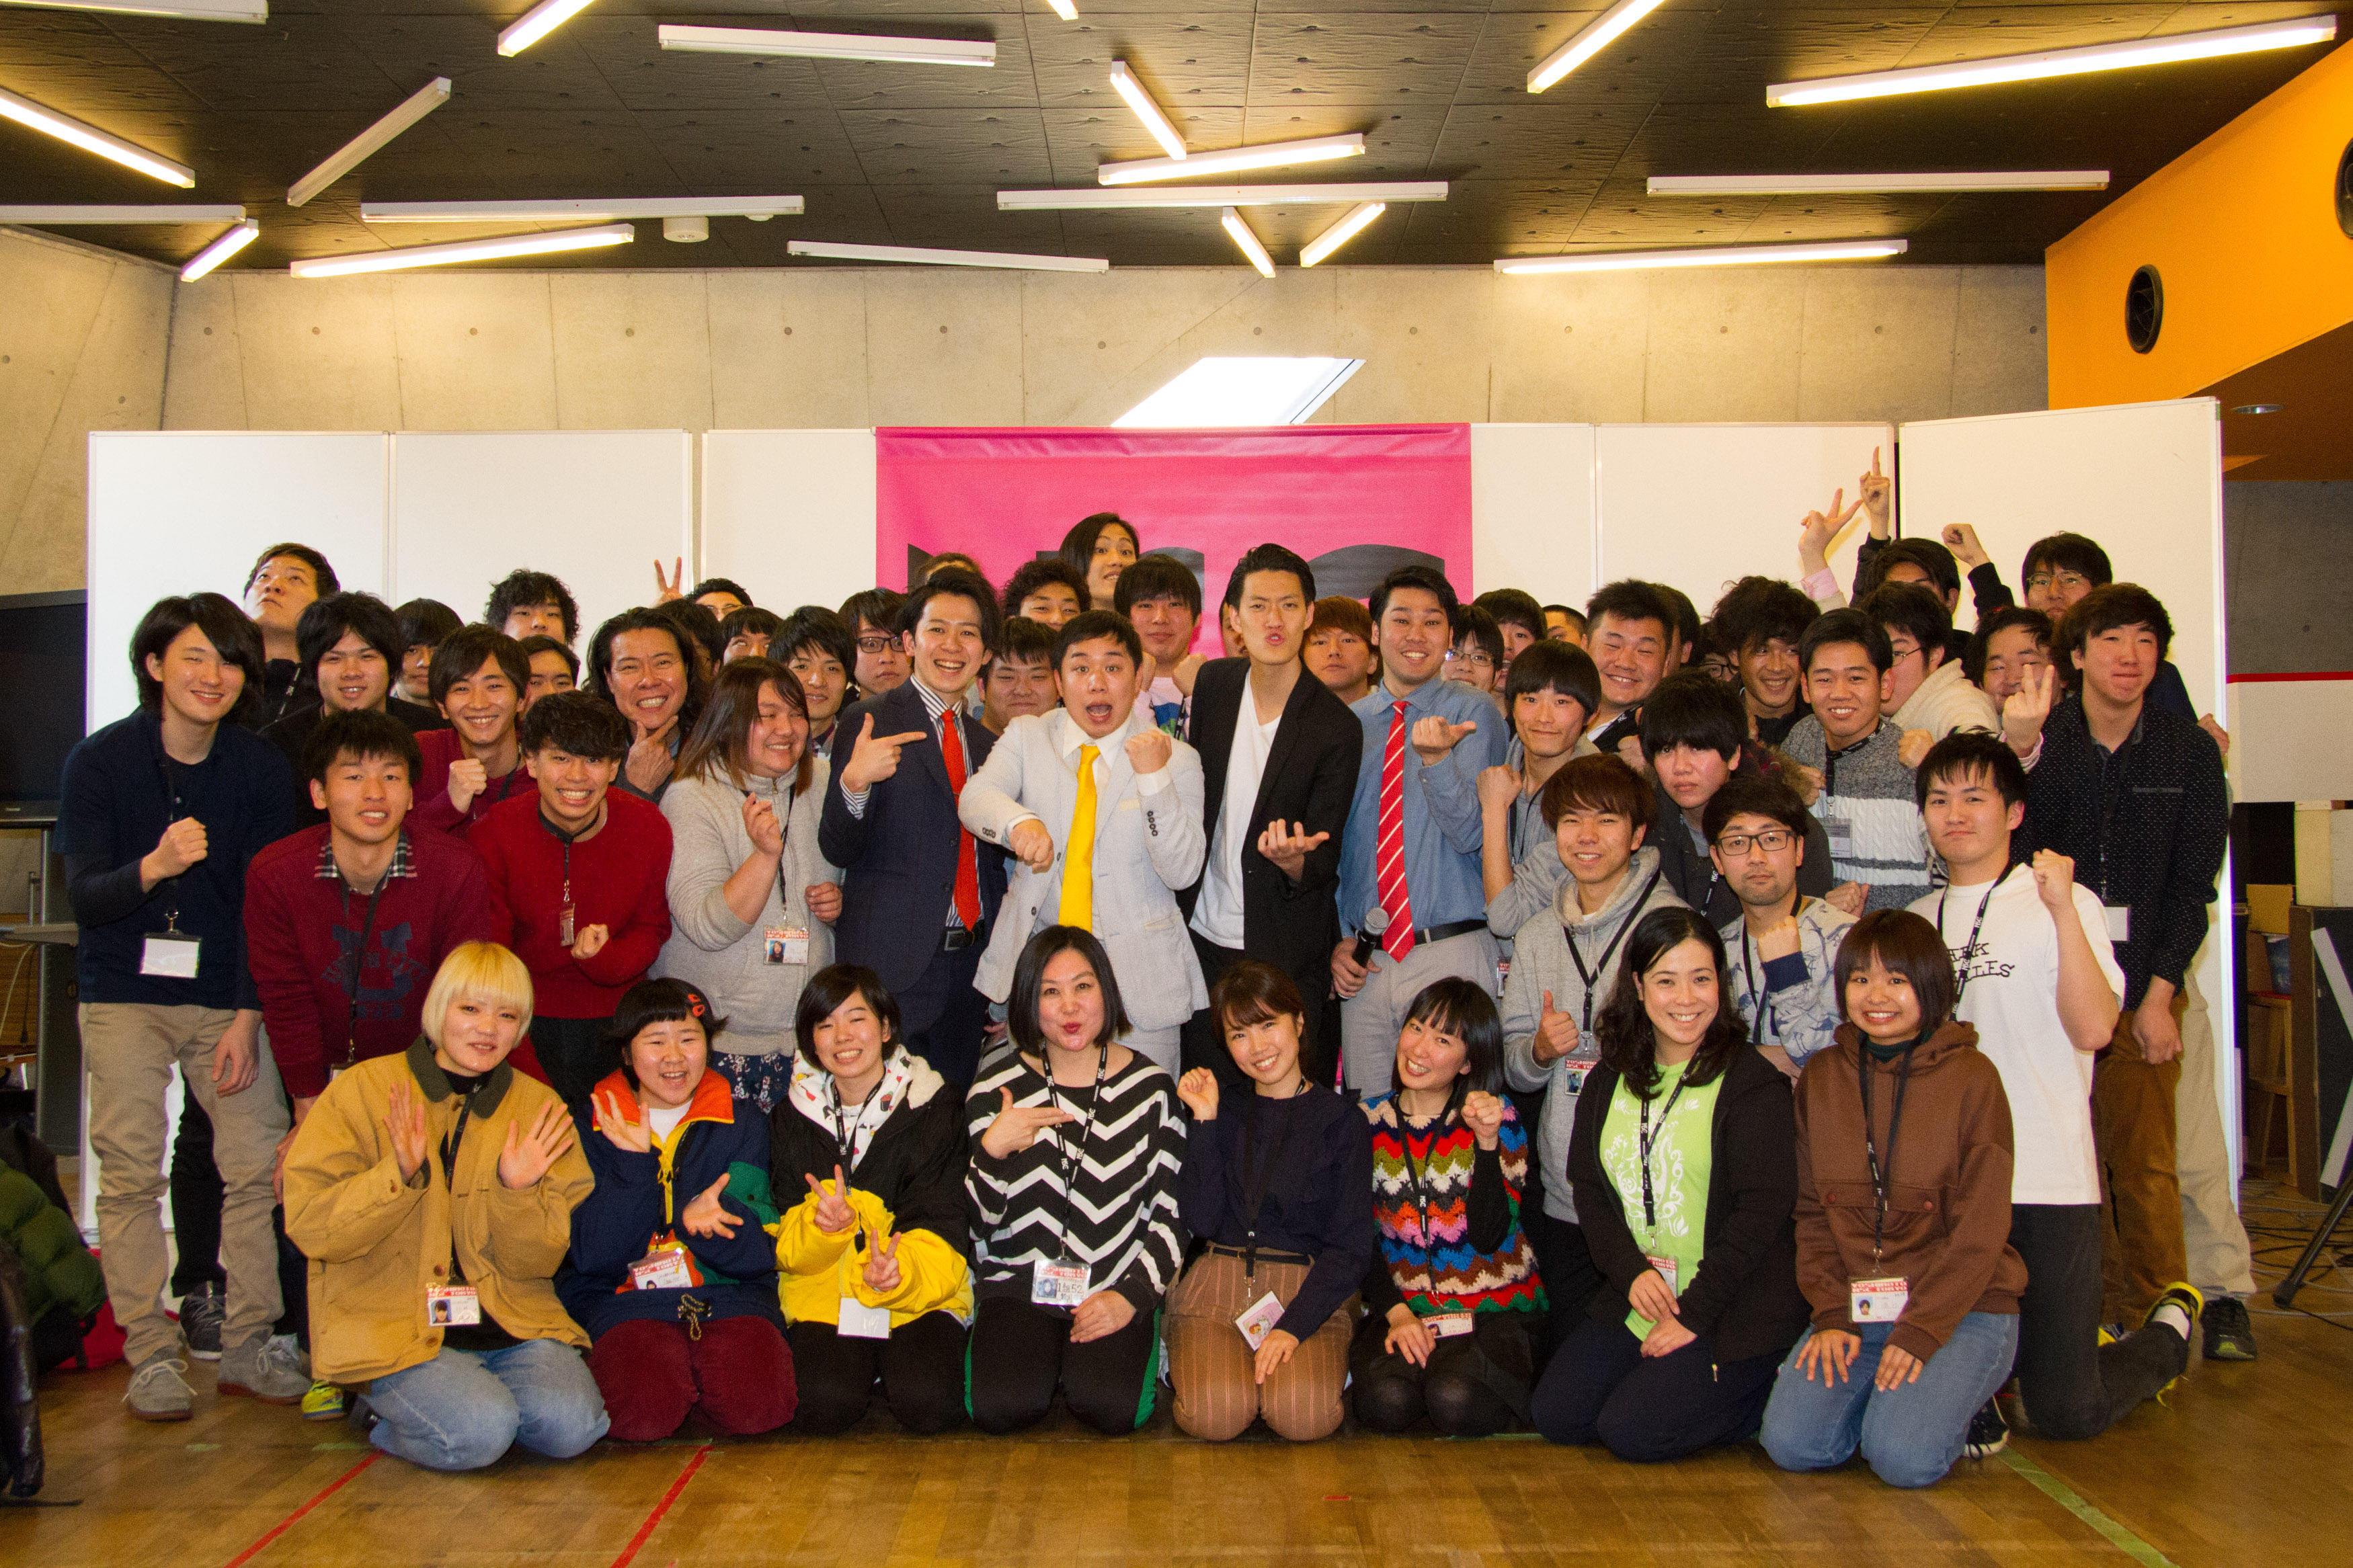 http://news.yoshimoto.co.jp/20190130233504-02138661662ad9ecb4396b51575682b675d58622.jpg